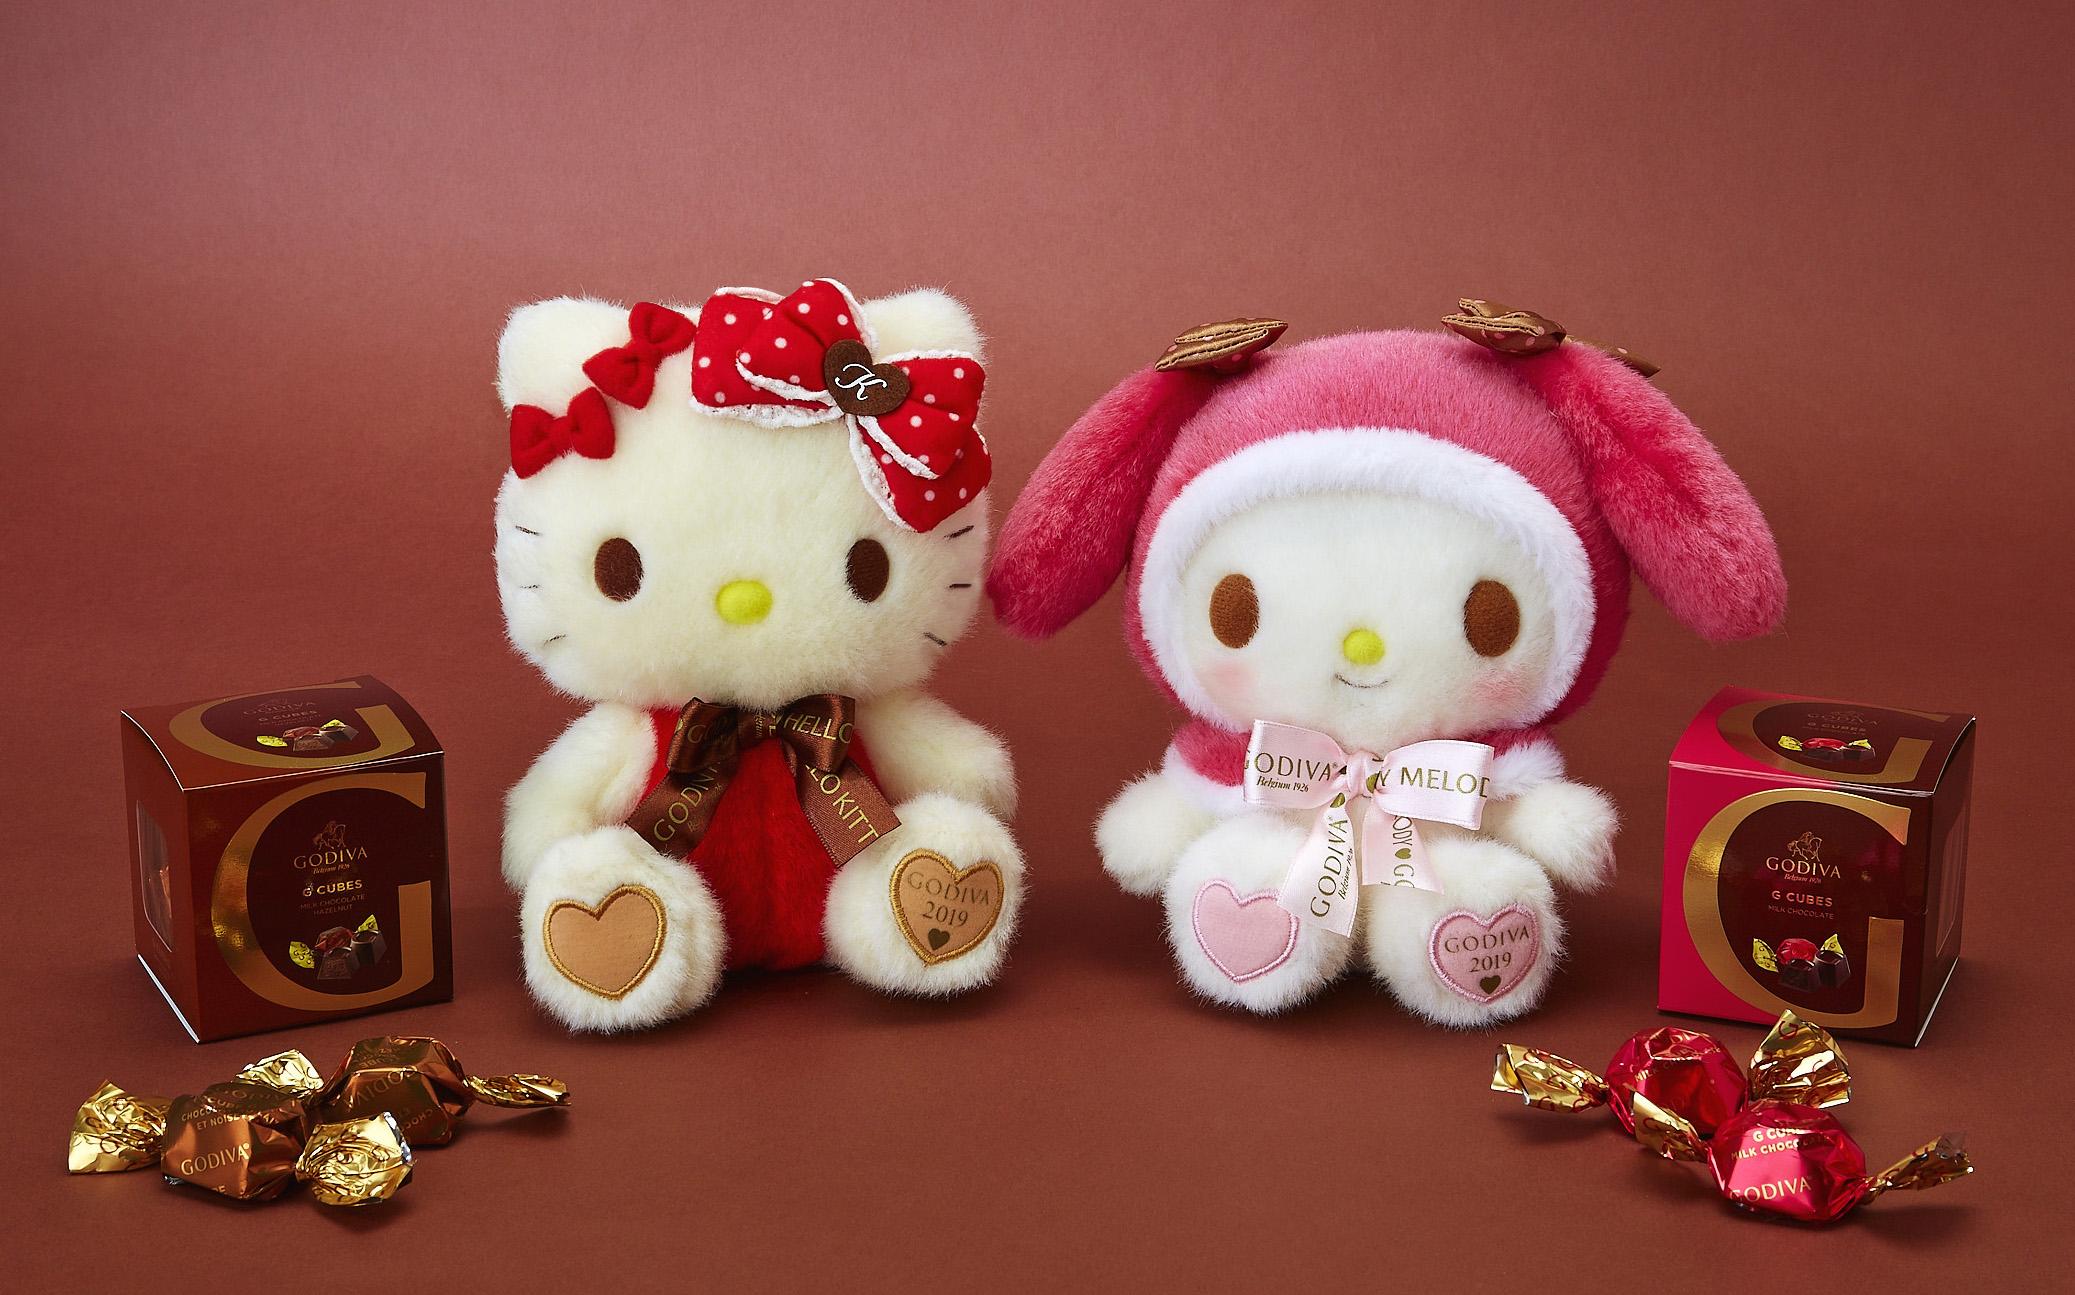 GODIVA將與Hello Kitty、美樂蒂合作特別贈禮 並於三麗鷗店舖限定發售 凱蒂猫、美樂蒂、